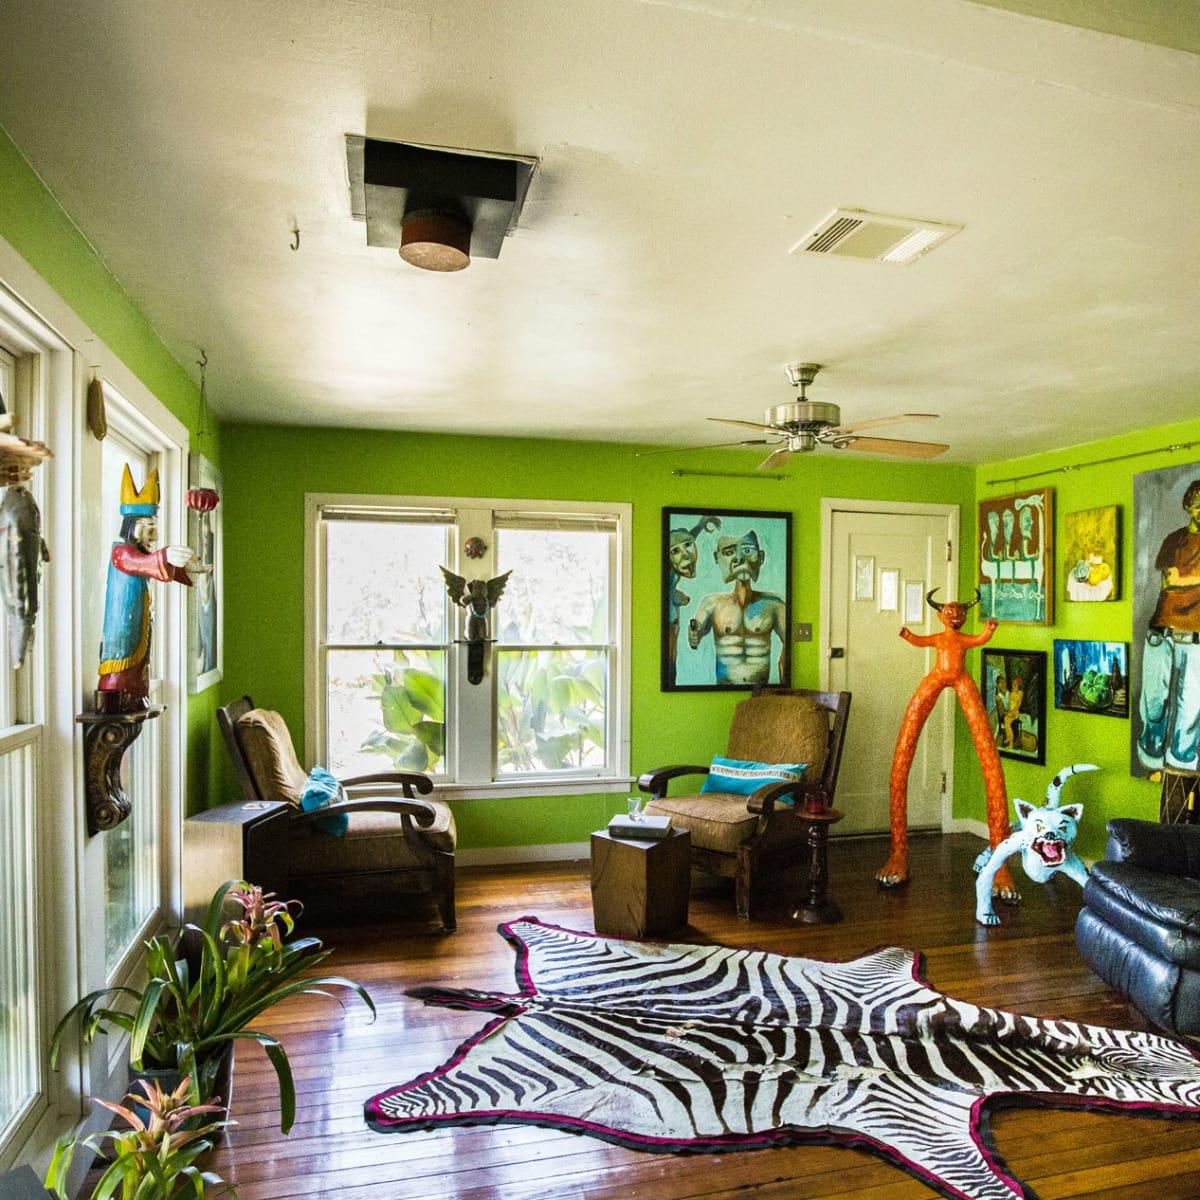 Freeman House - Weird Homes Tour